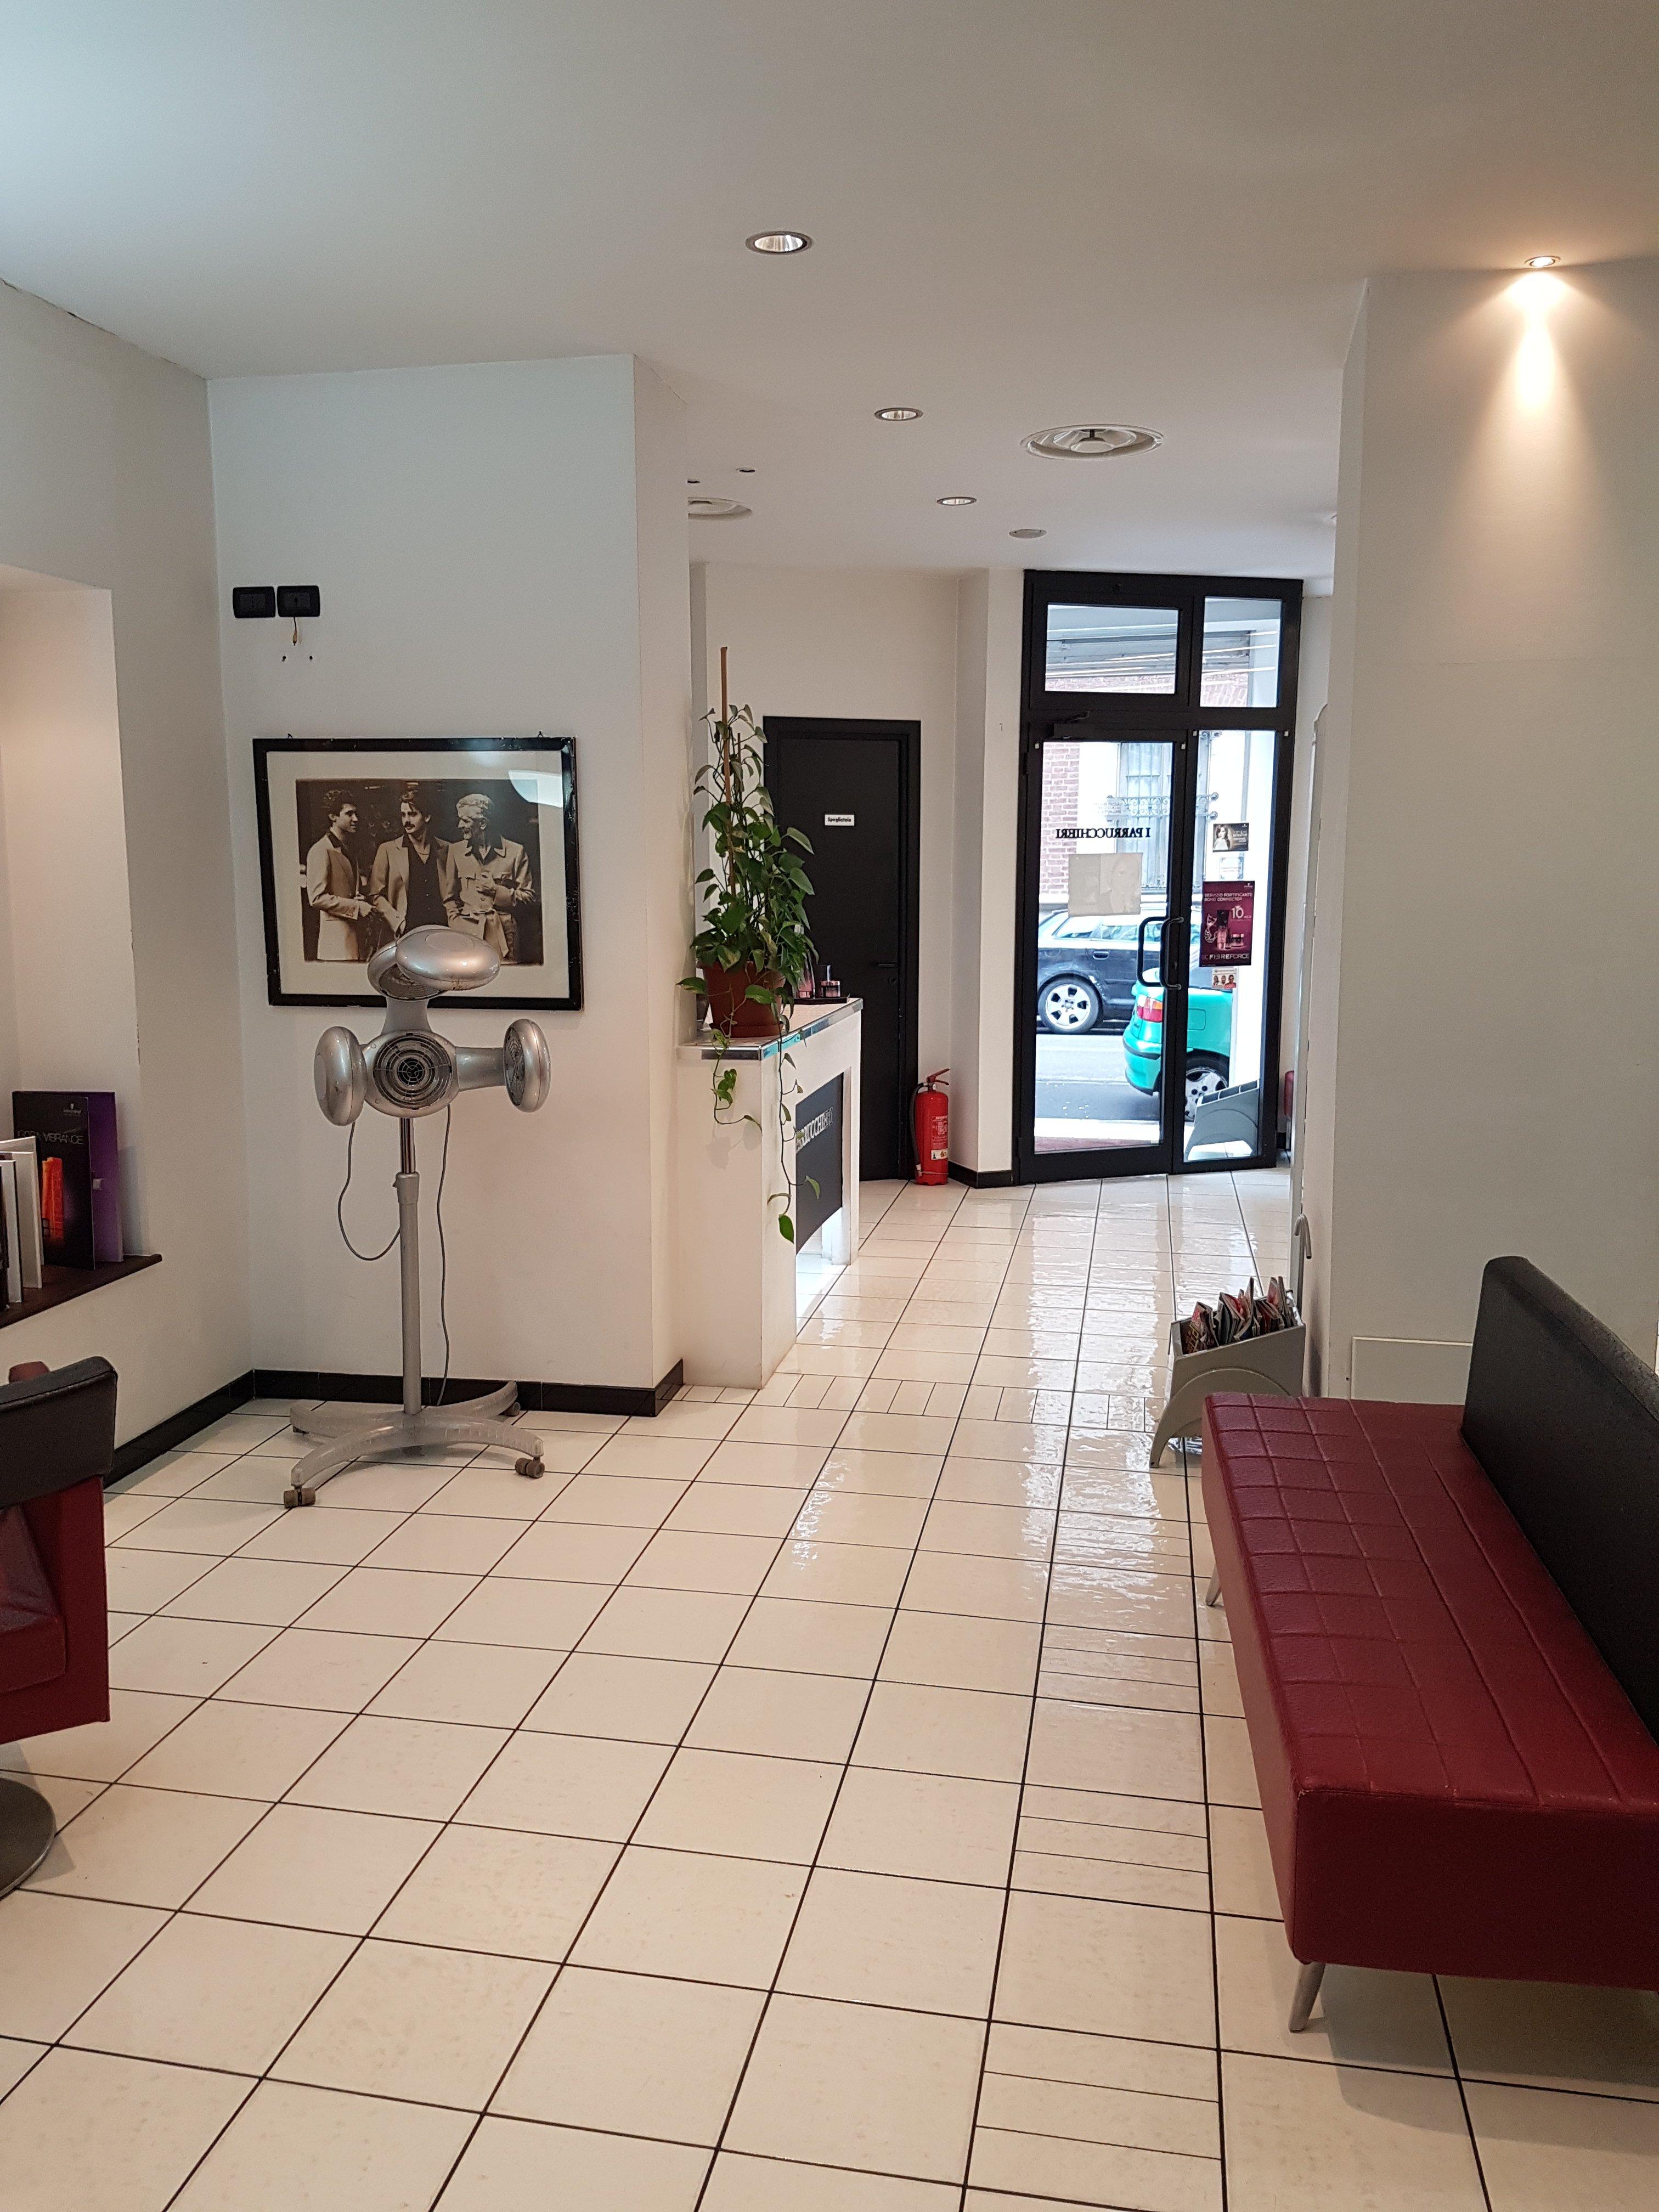 interno di sala di attesa di parrucchiere con divano rosso